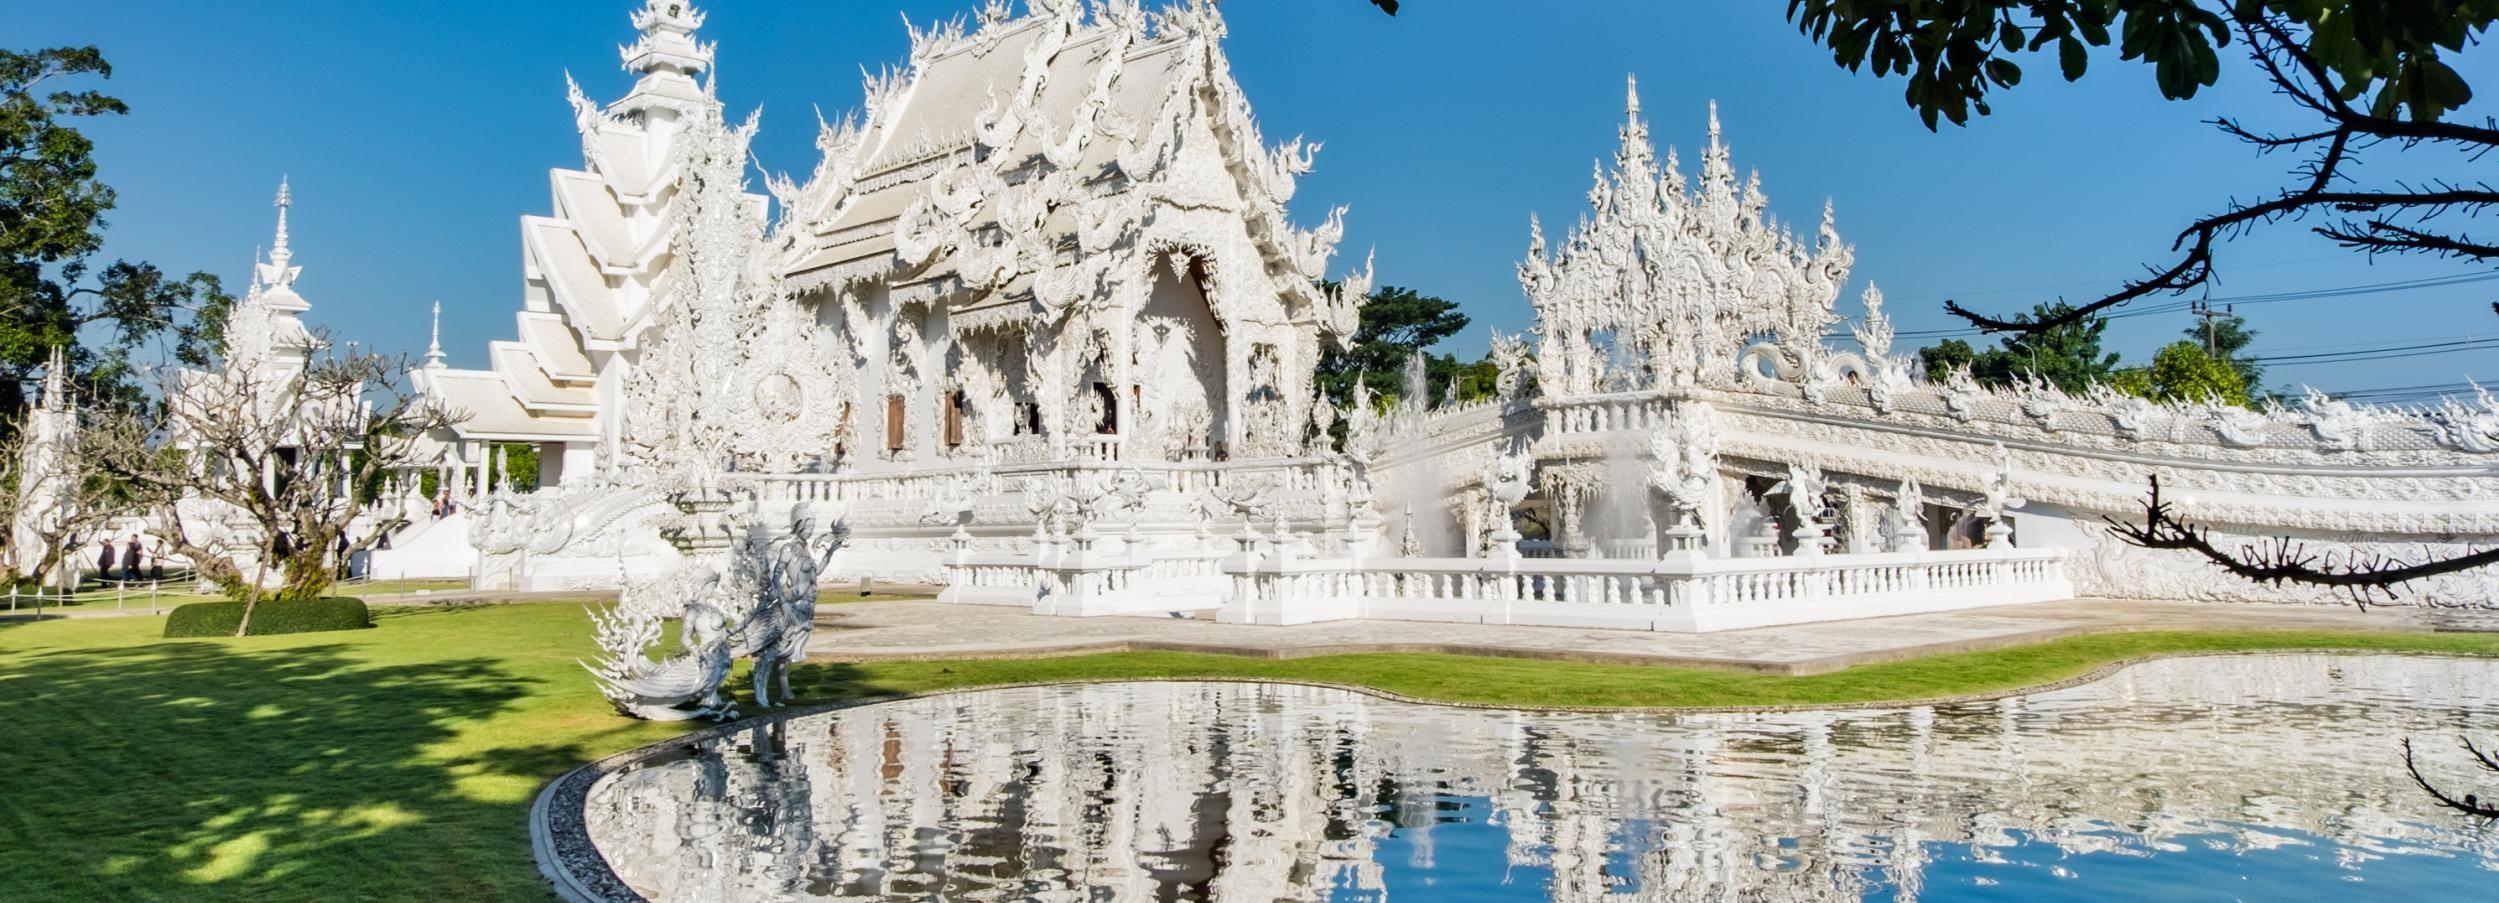 Desde Chiang Mai: templos de Chiang Rai para pequeños grupos